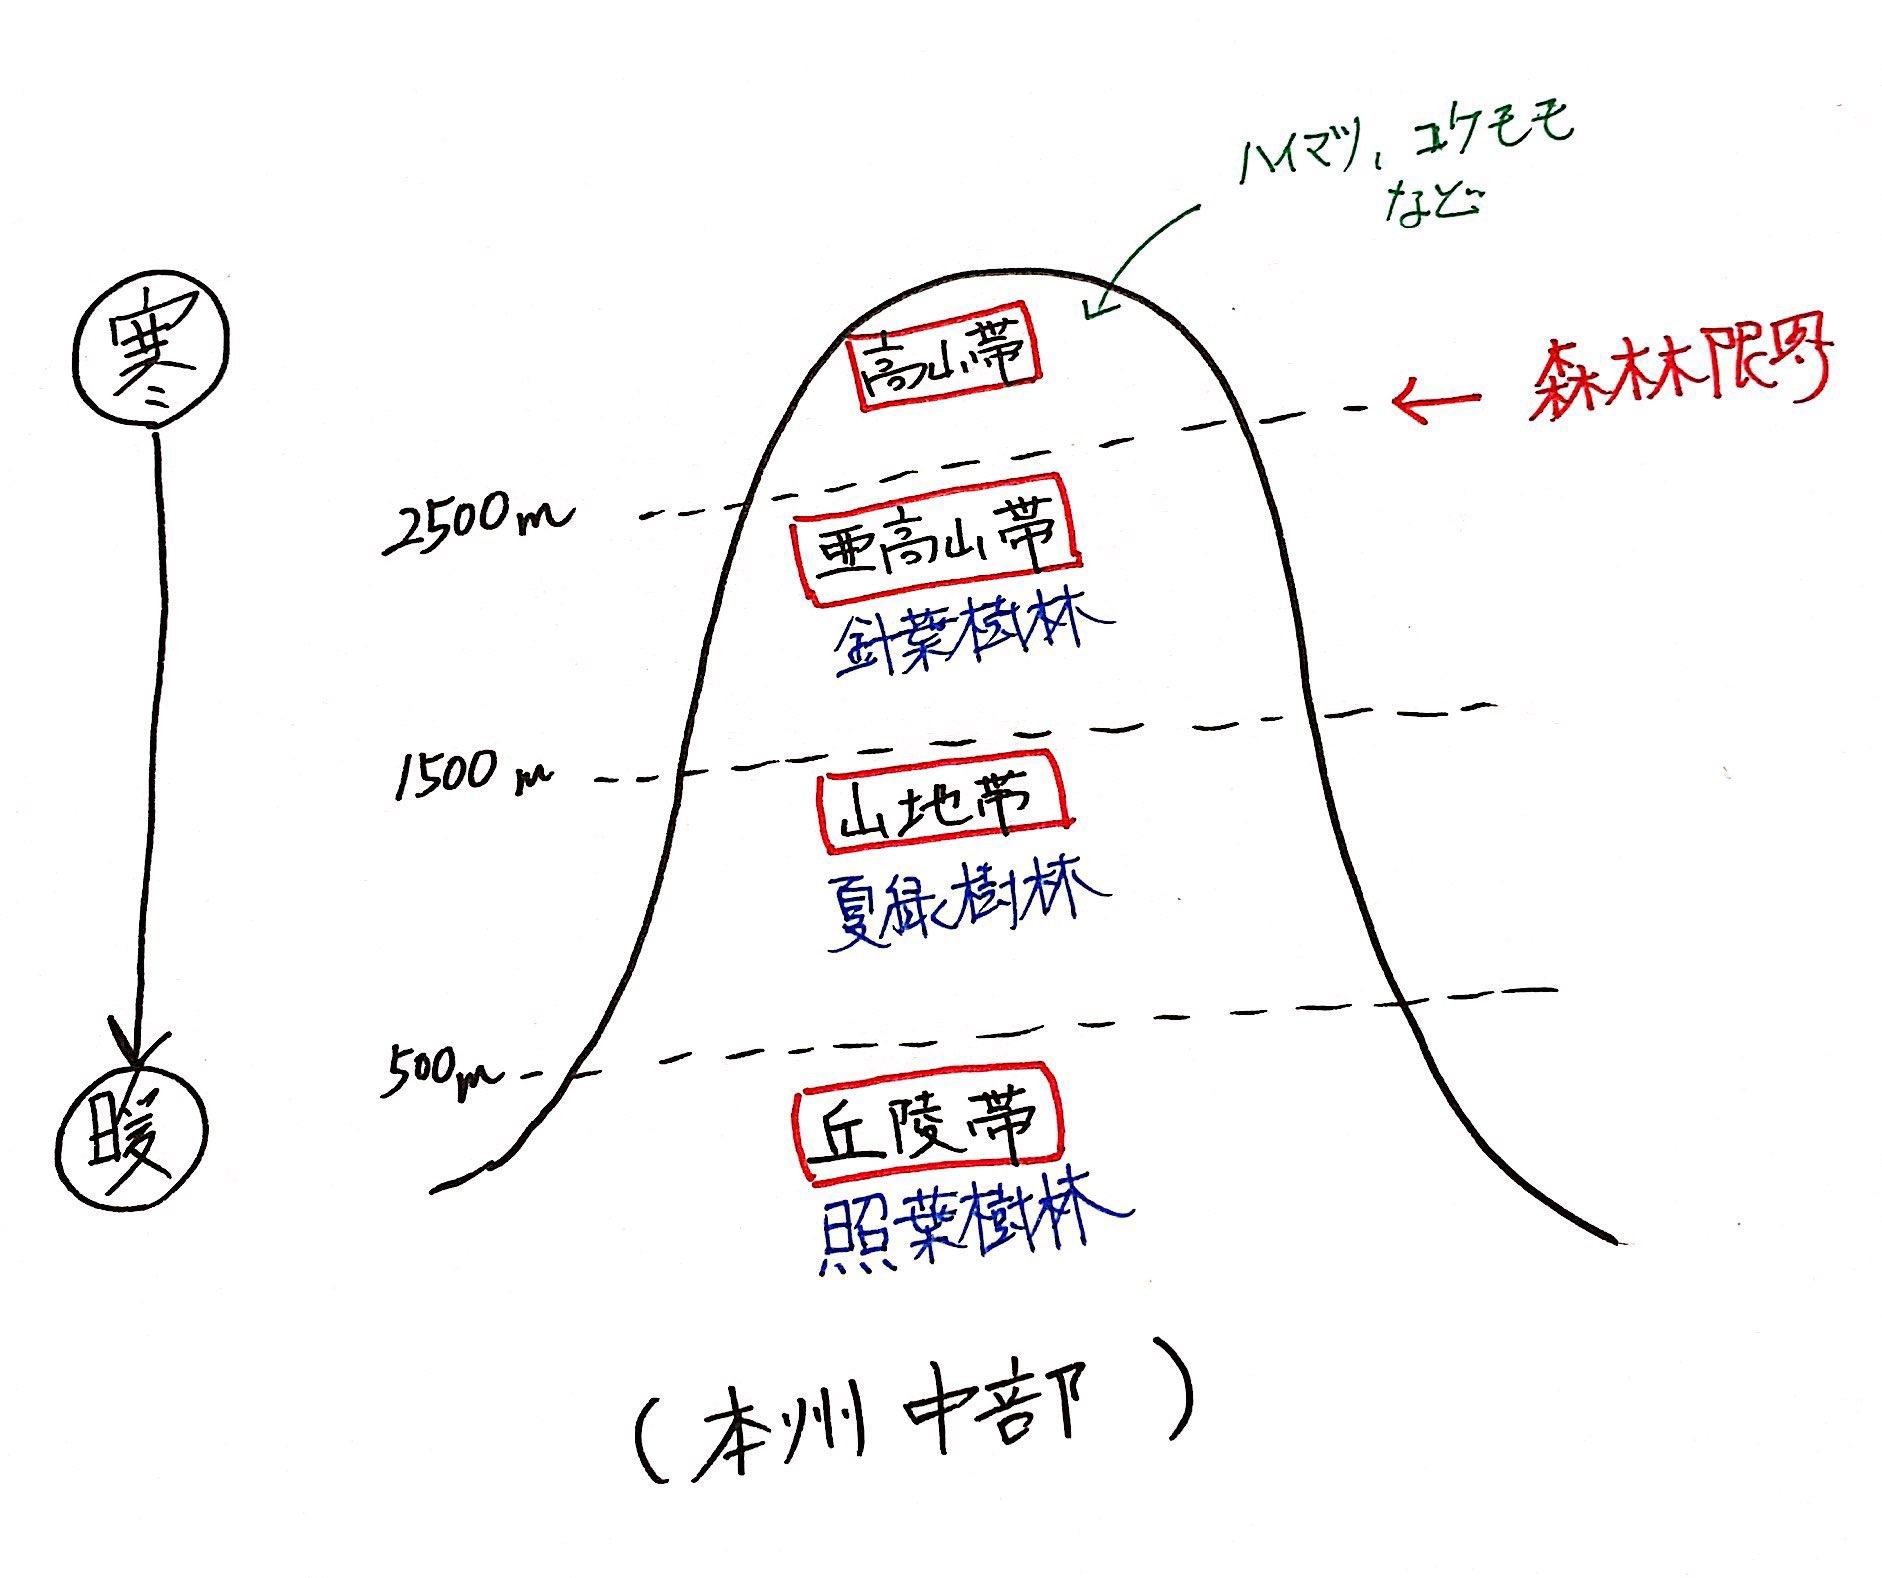 覚え 方 バイオーム